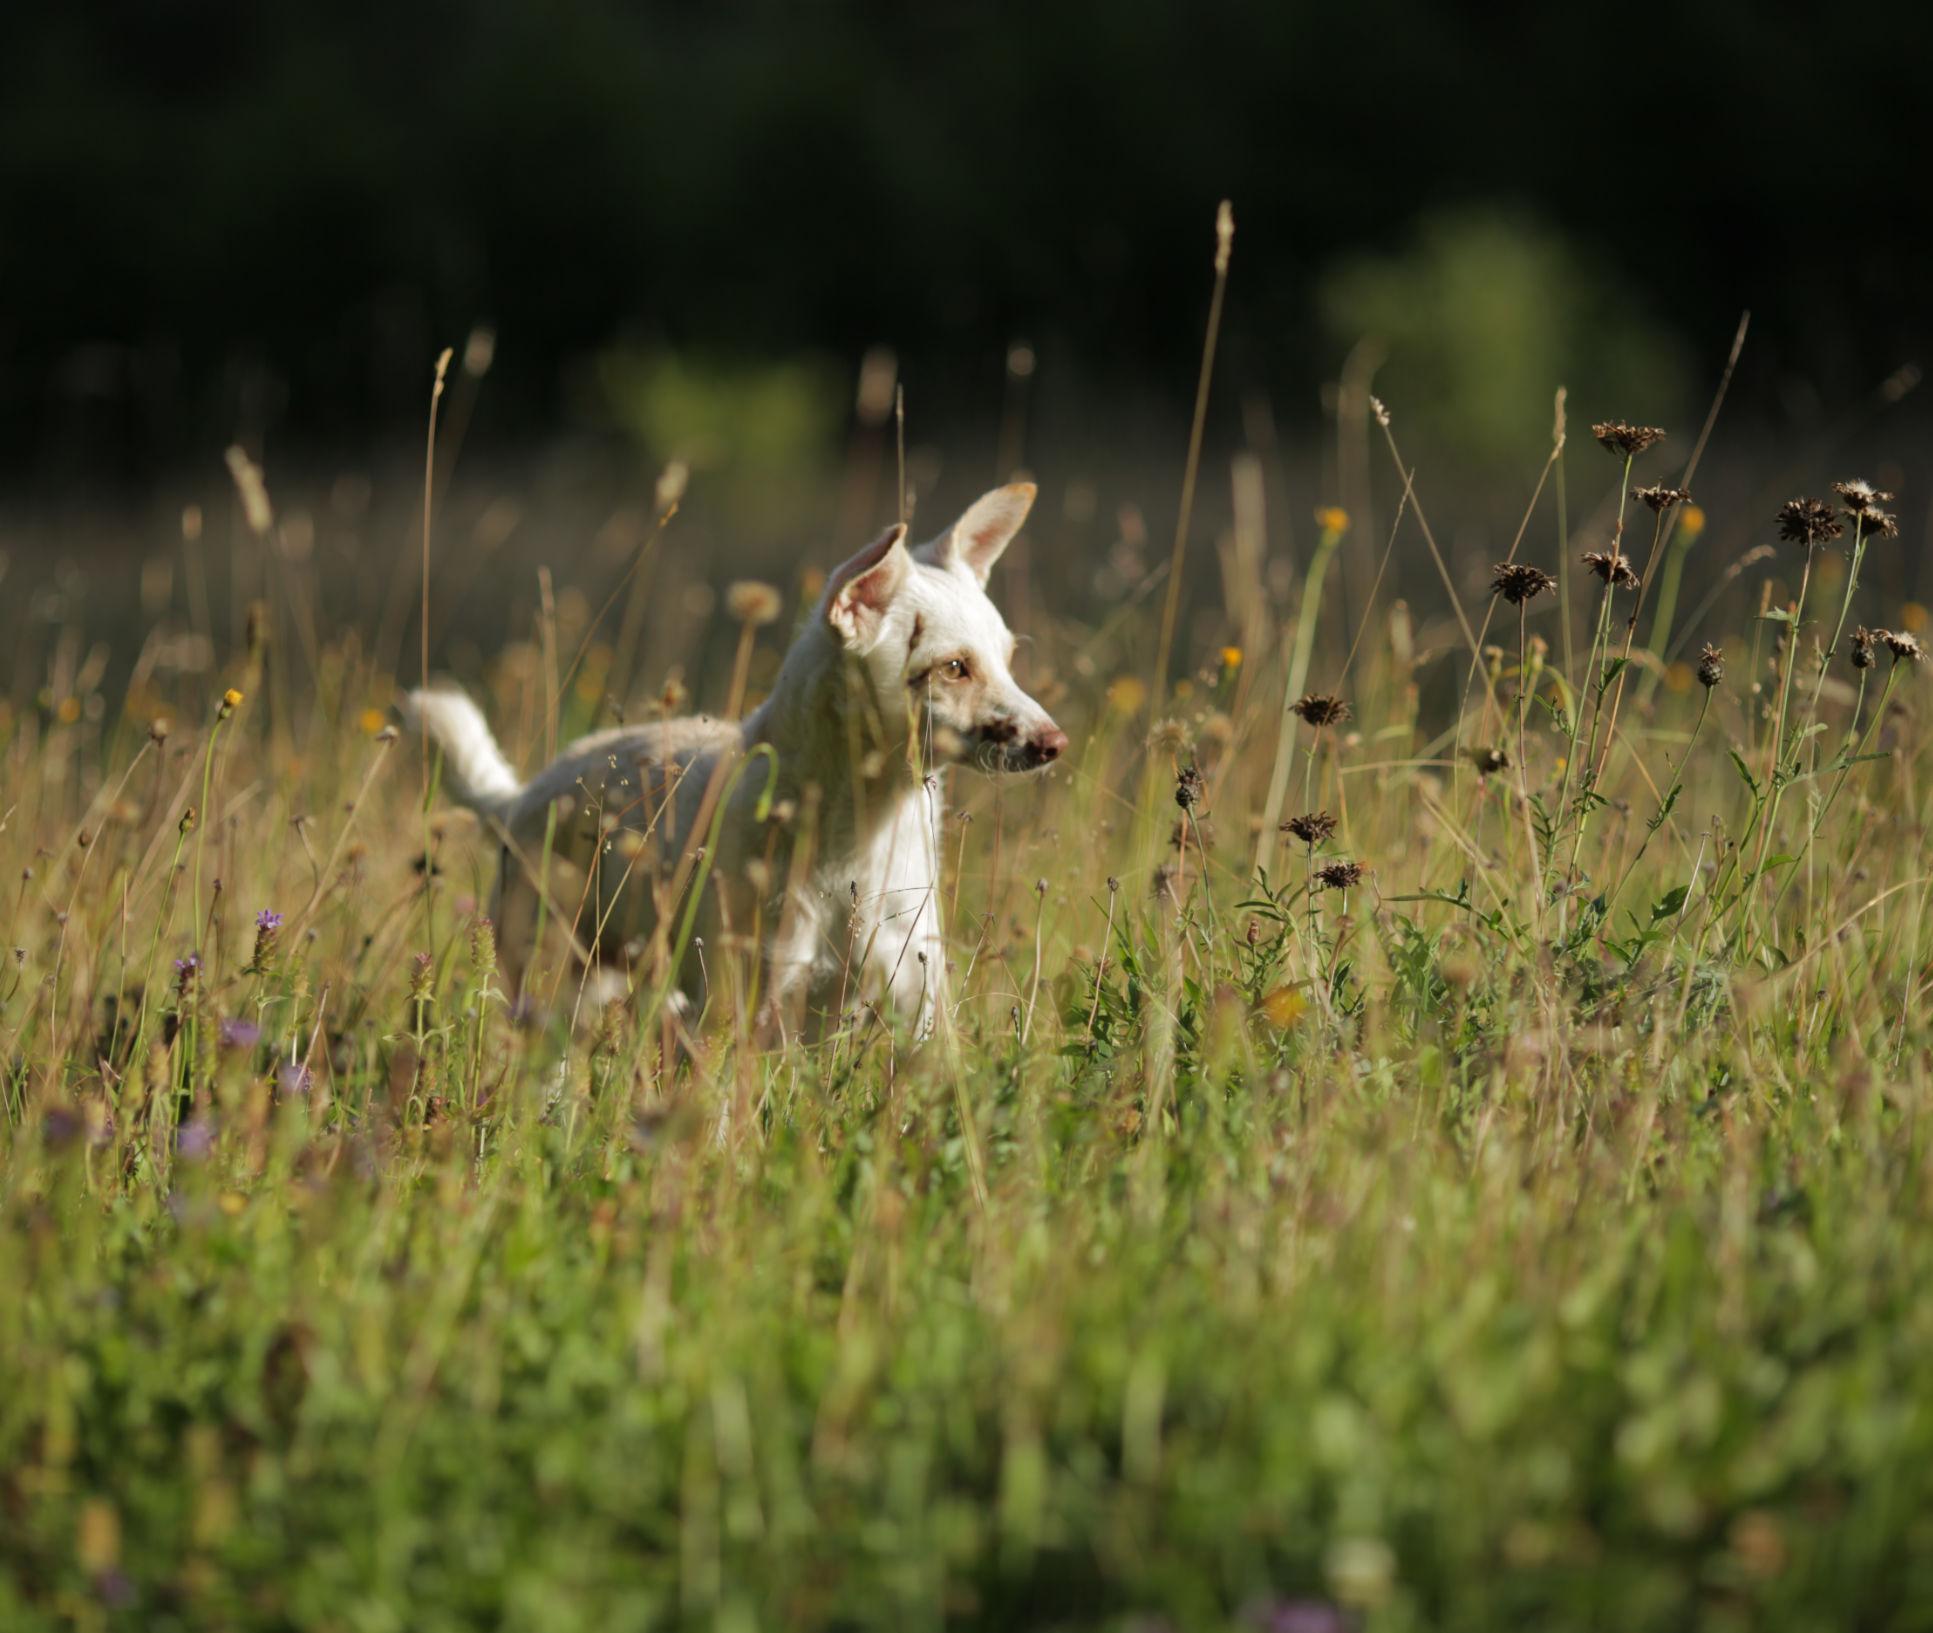 Tierarzt Dr. Ina Hipp - Alternative Heilmethoden - Starnberger See - Hund in Blumenwiese